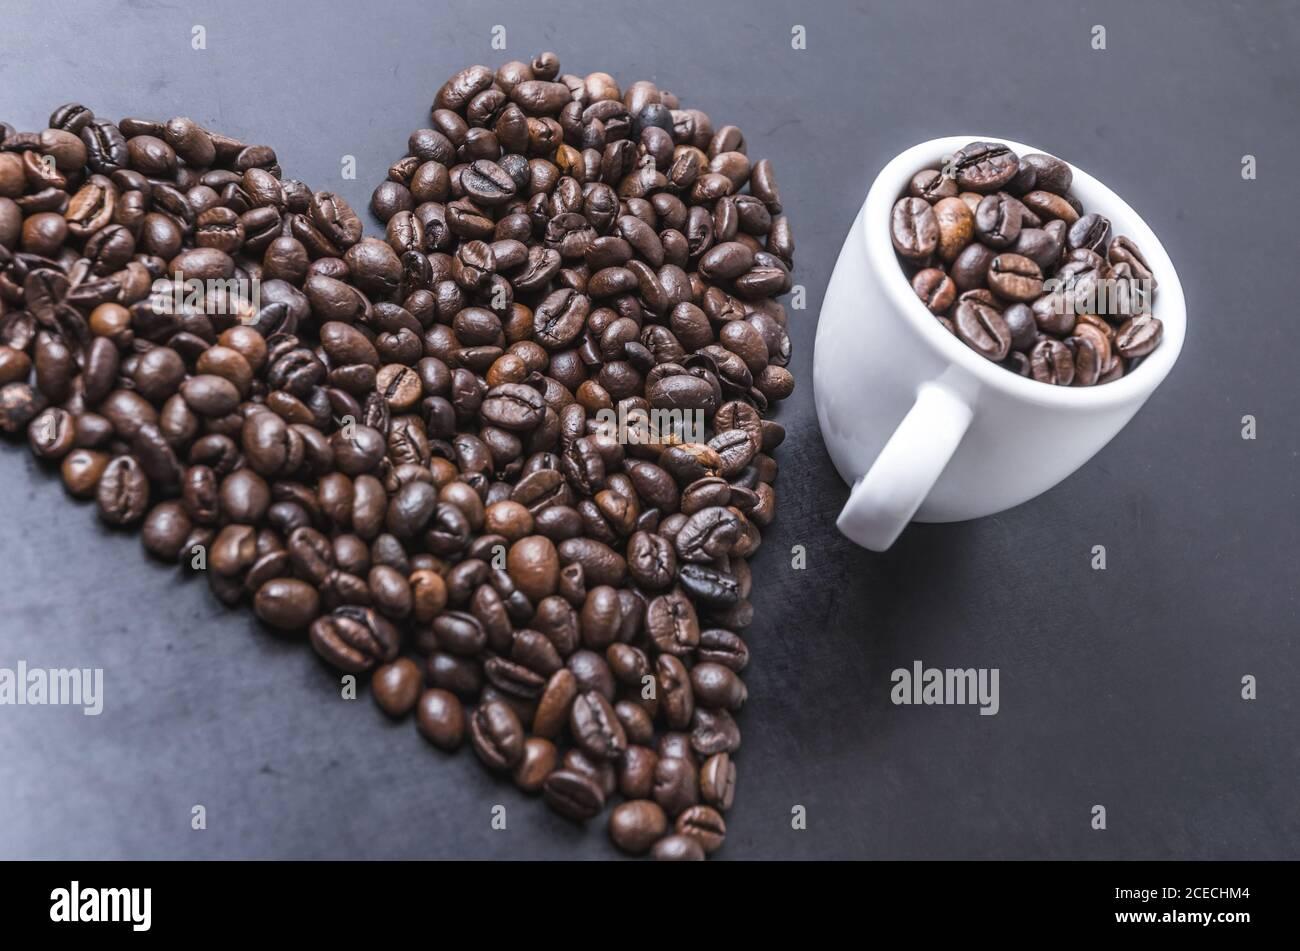 Granos de café con taza sobre fondo oscuro, en forma de corazón, primeros planos de vida, planos, estudio interior, me encanta el concepto de café Foto de stock